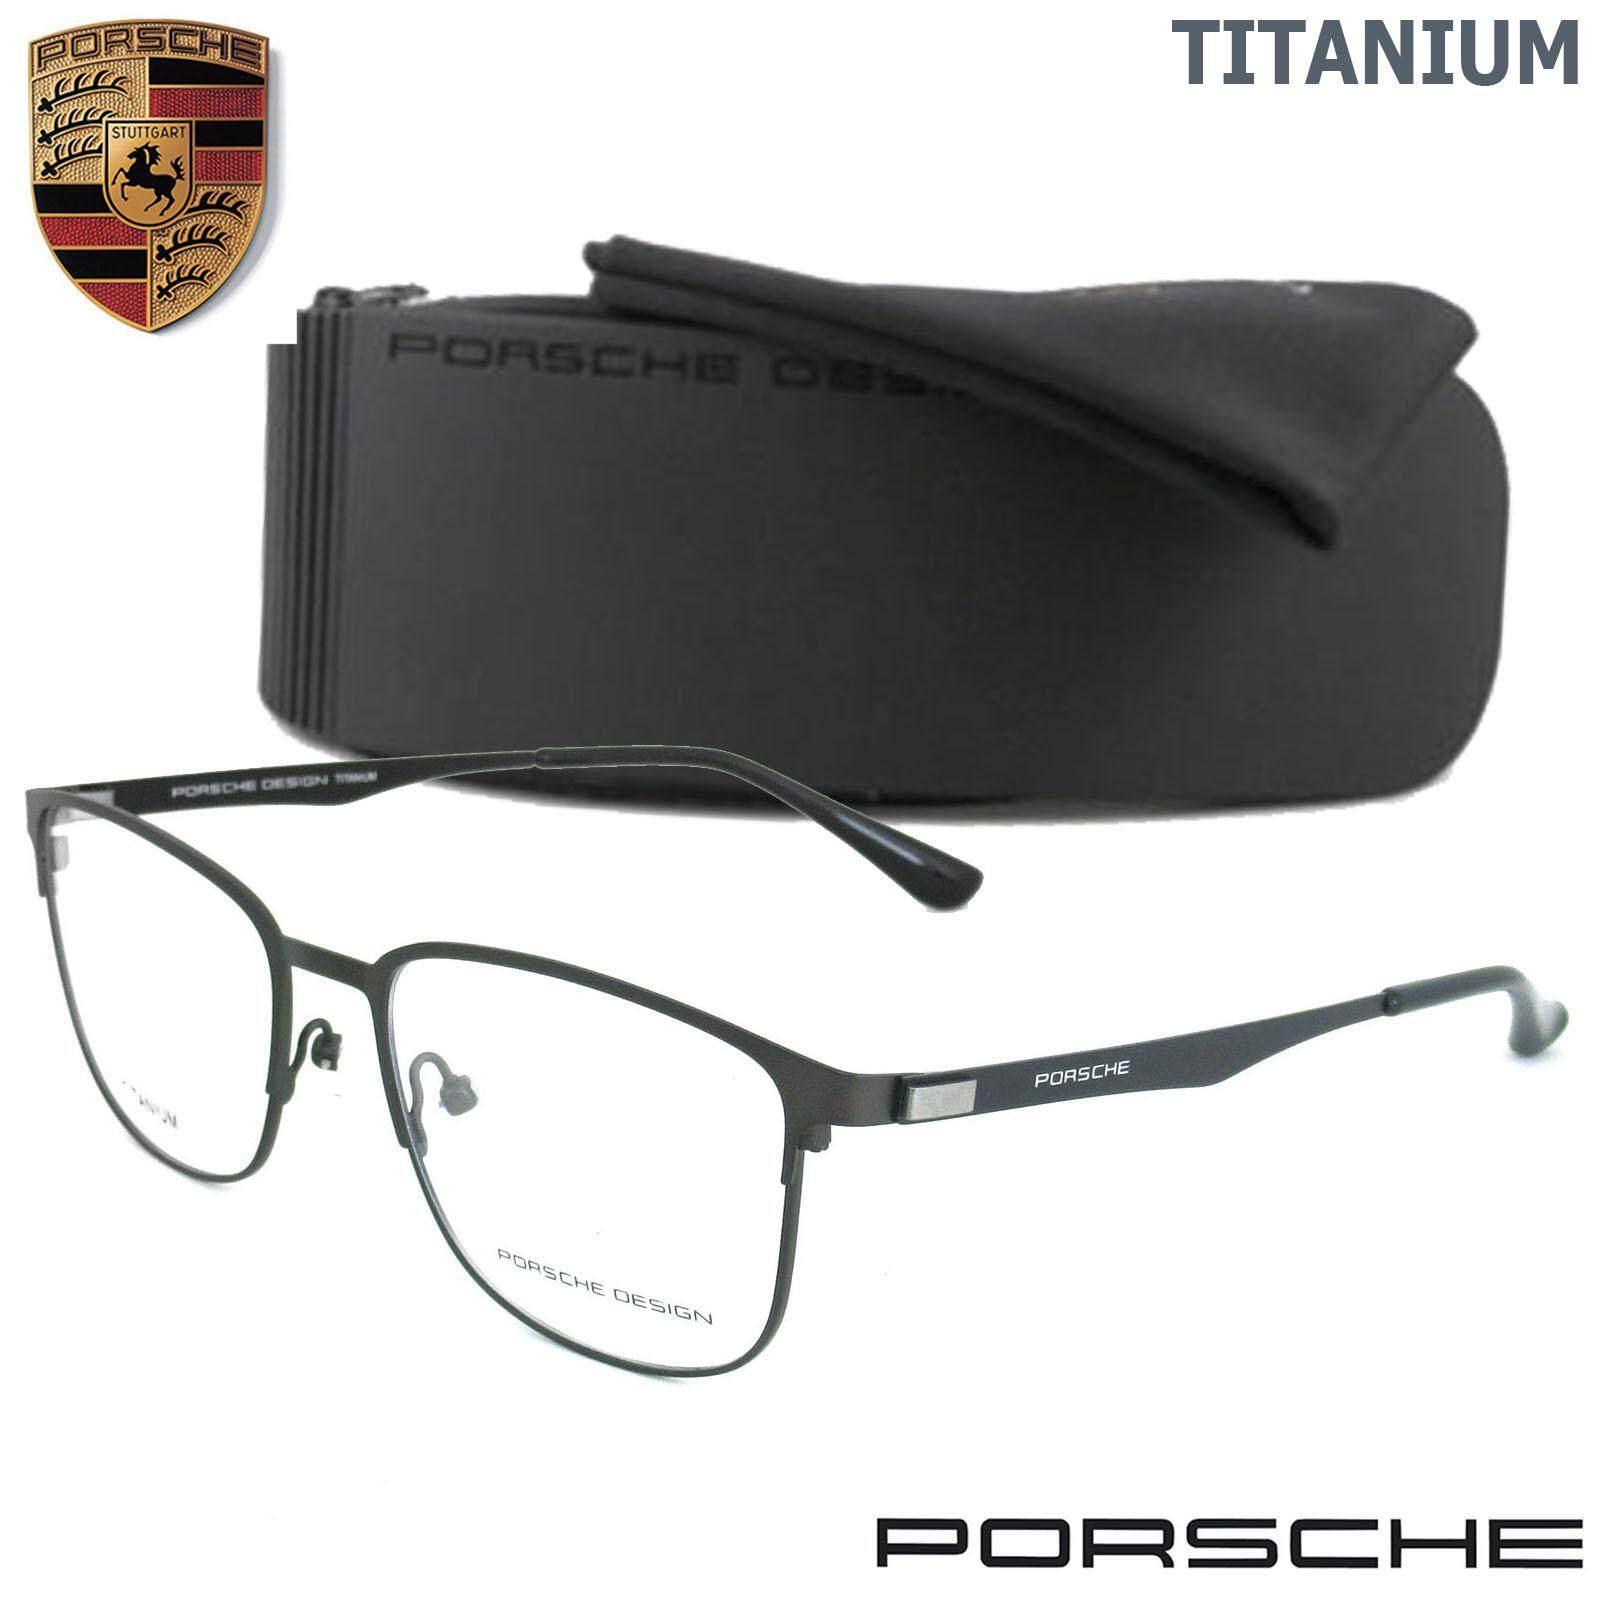 ส่วนลด Porsche Design แว่นตา รุ่น P 9840 ทรงสปอร์ต วัสดุ Titanium ไทเทเนียม ขาข้อต่อ กรอบแว่นตา Porsche Design กรุงเทพมหานคร